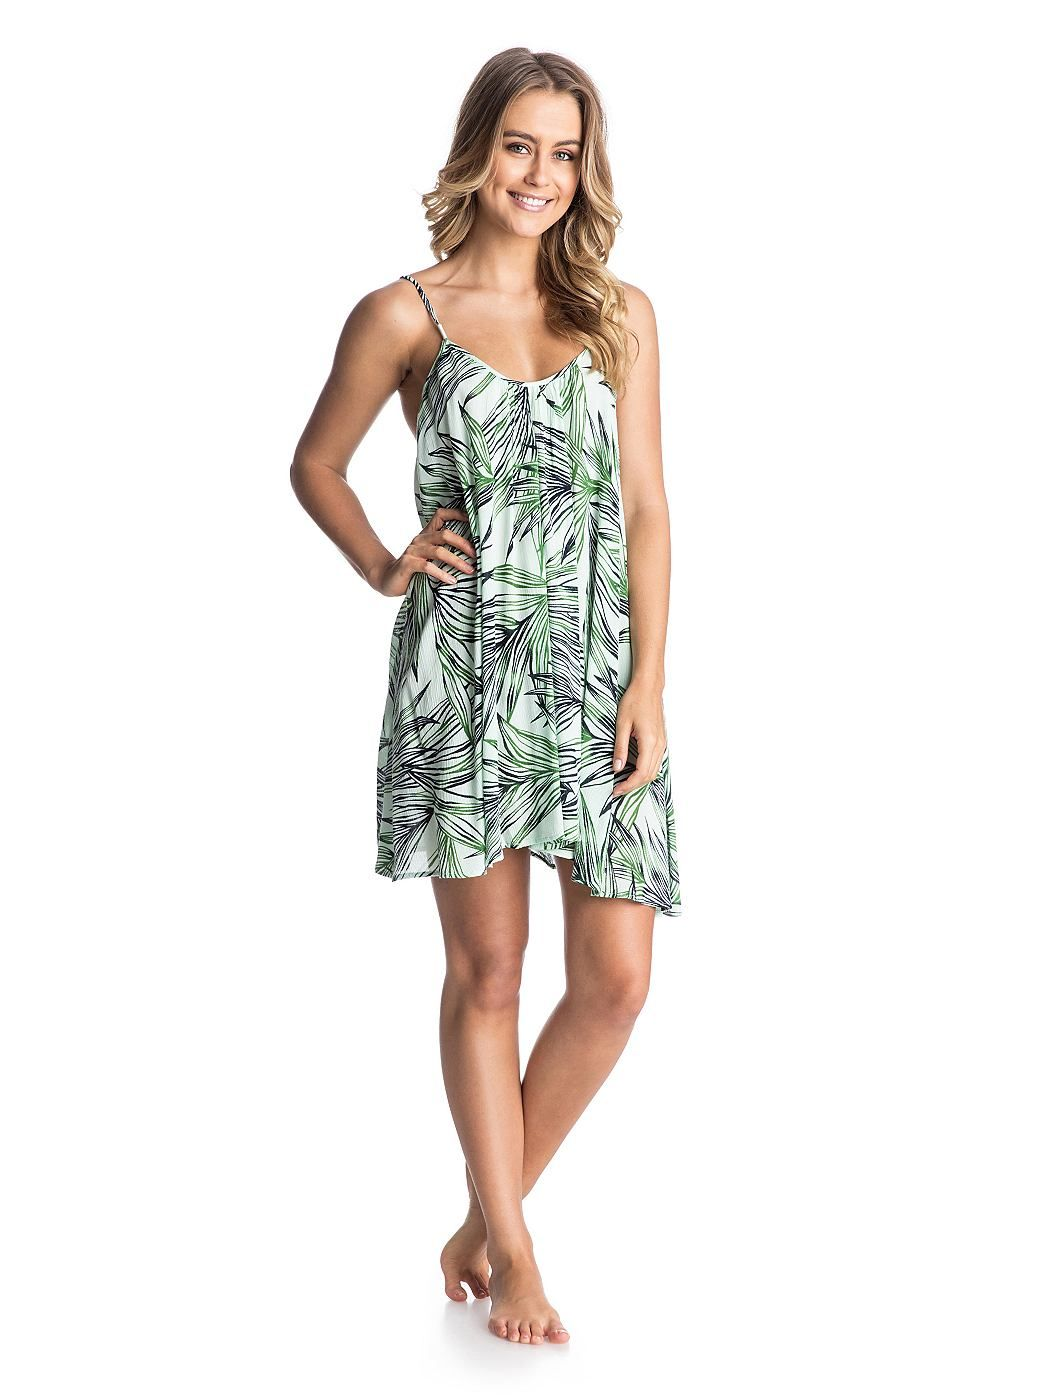 Sweet Vida Printed Dress - ROXY Roxy Strandkleid für Frauen  Das Sweet Vida Printed Dress ist Teil der Roxy Spring/Summer Swimwear Collection 2015. Dieses Strandkleid für Frauen zeichnet sich durch reine Viskose und Tank Dress Fit aus. Weitere besondere Features sind: Full Sweep Design, hergestellt aus 100% Viskose.  Merkmale:  Roxy Strandkleid, Bedruckter Stoff aus reiner Viskose, Fit: Tan...